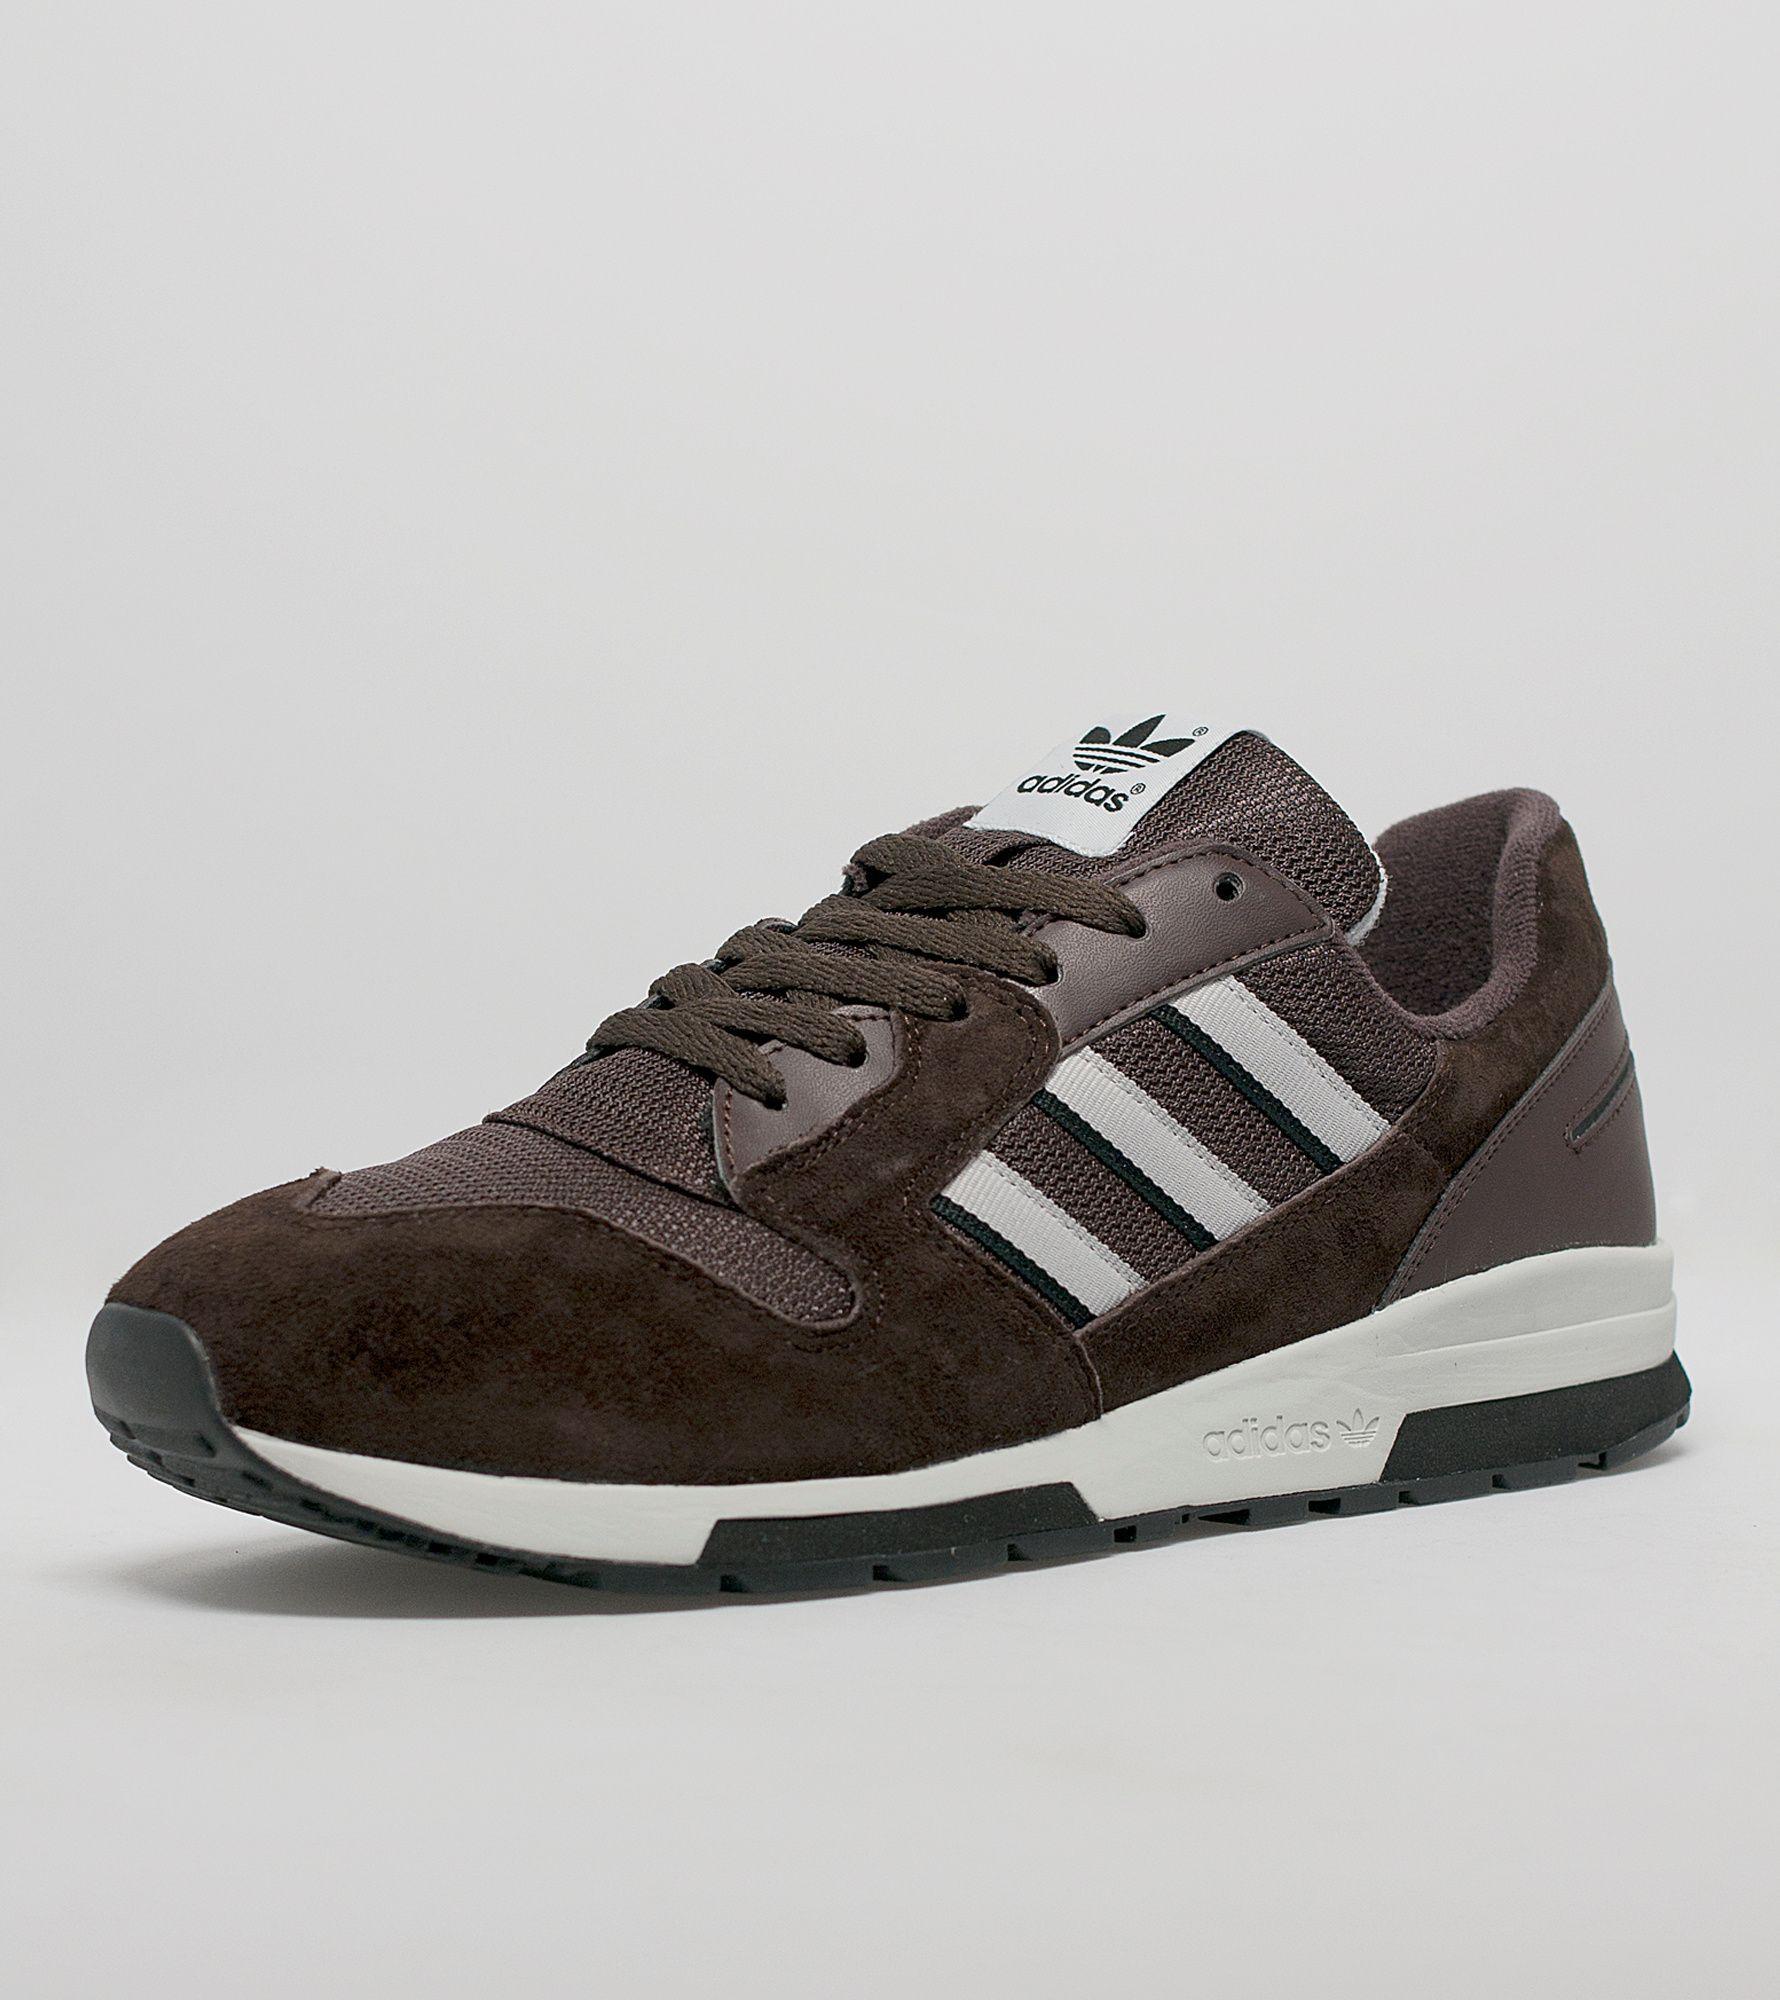 ¿Adidas Originals ZX 420 tamaño?Exclusivos zapatos: adidas zx 420